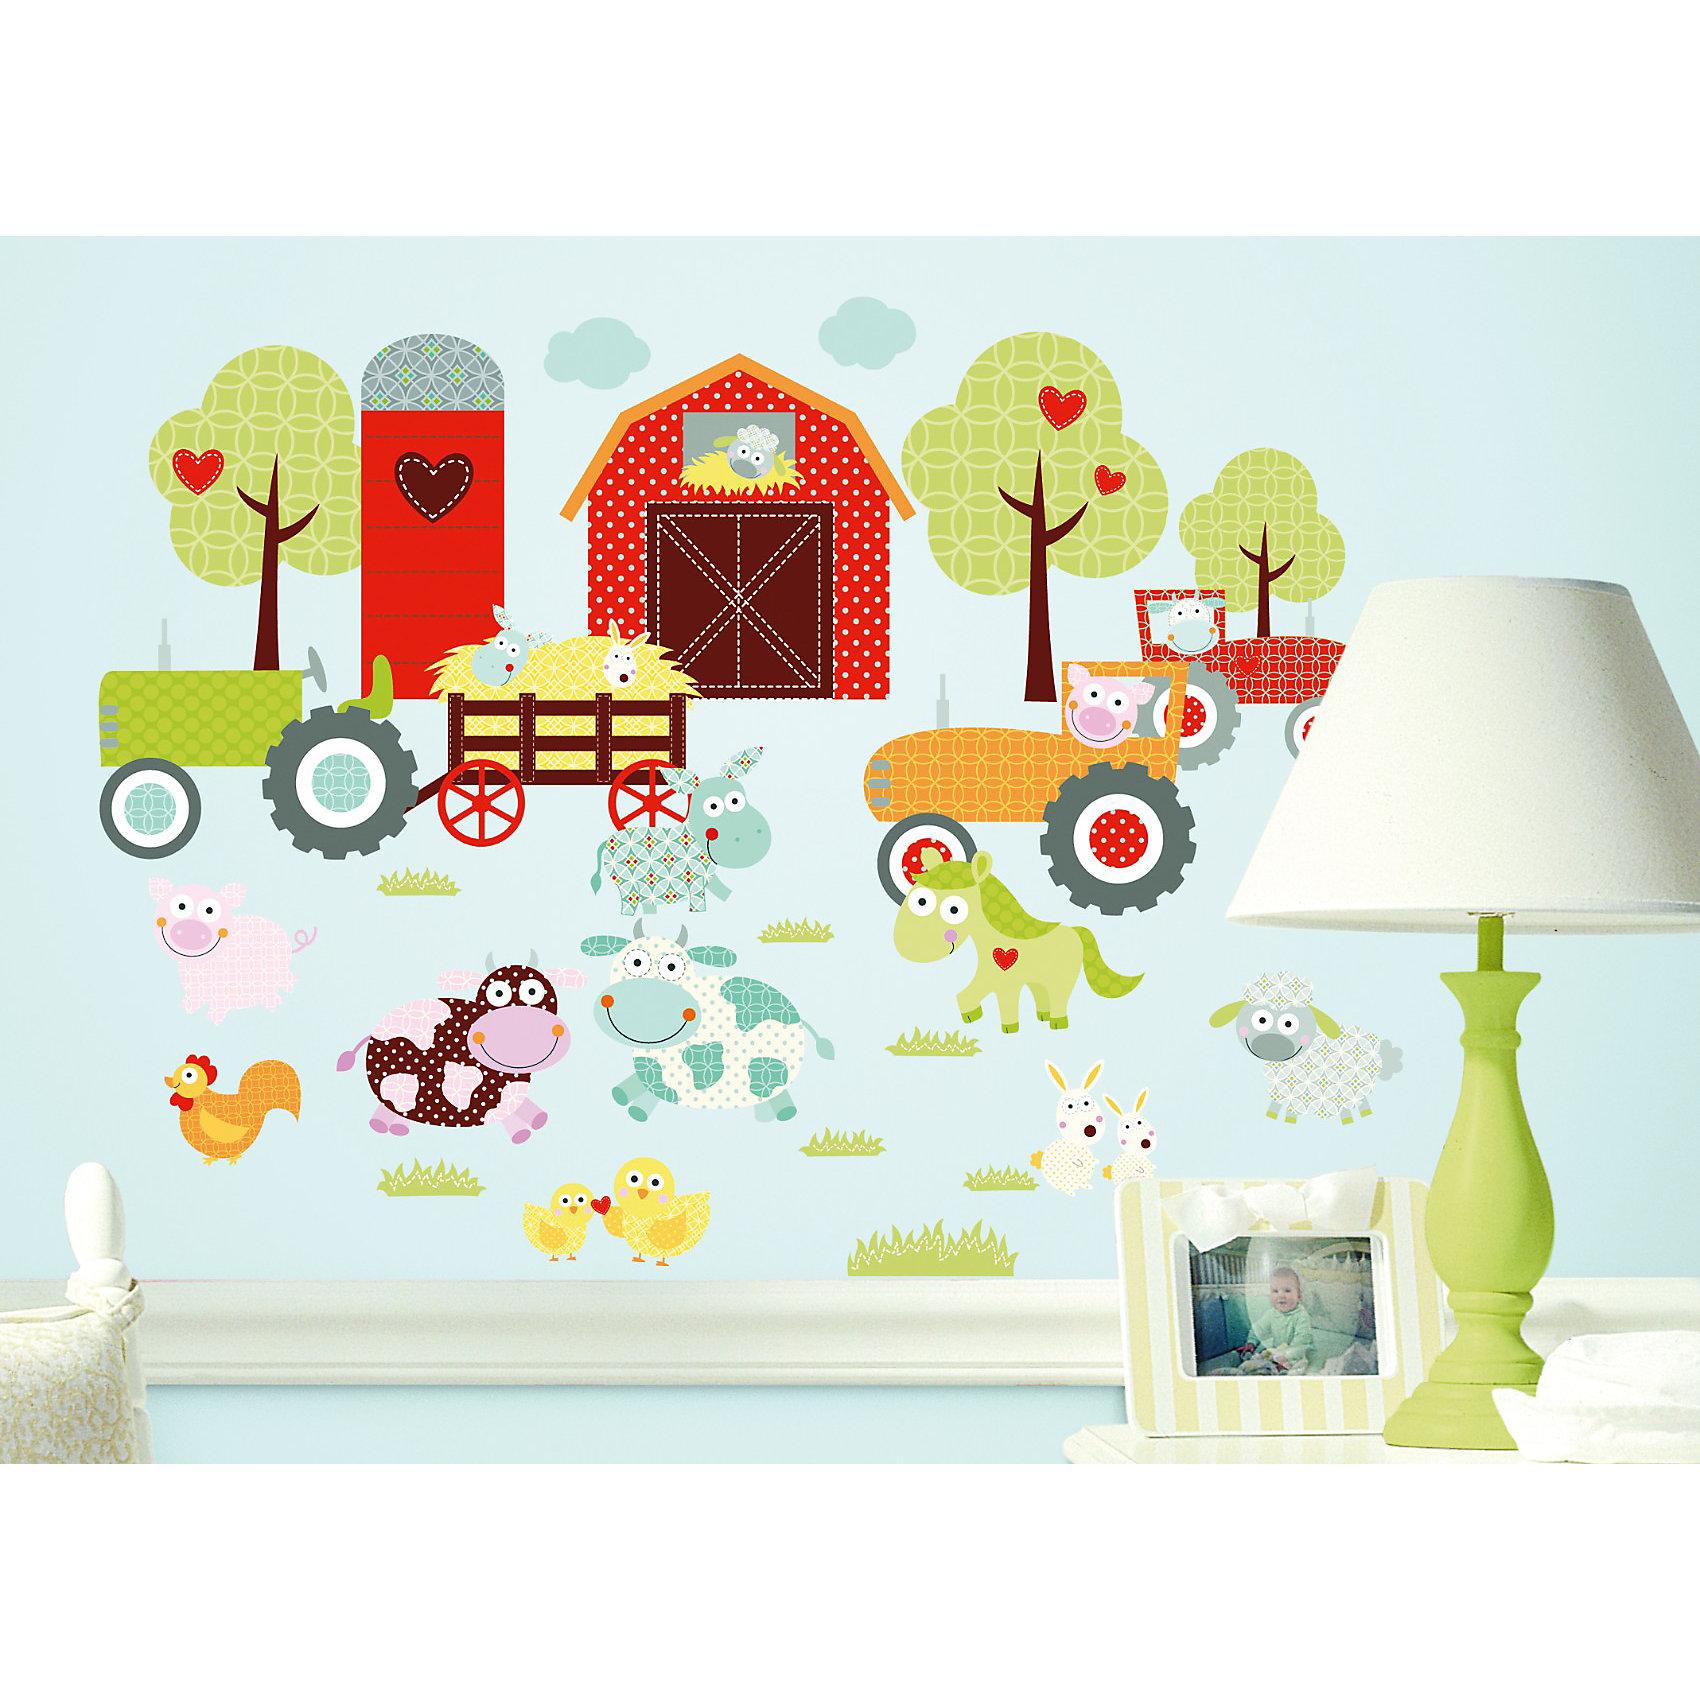 Наклейки для декора Весёлая фермаПредметы интерьера<br>Наклейки для декора Счастливая ферма от знаменитого производителя RoomMates станут украшением вашей квартиры! Придайте веселый и забавный вид комнате вашего ребенка с новым увлекательным набором наклеек для декора! Листы наклеек, входящие в набор, содержат изображения ярко-красного сарая, пышных деревьев и любимых фермерских животных, таких, например, как коровы, свиньи, курицы, овцы и так далее. Забавные паттерны и модные цвета делают набор идеально подходящим для детской или игровой комнаты. Всего в наборе 42 стикера. Наклейки не нужно вырезать - их следует просто отсоединить от защитного слоя и поместить на стену или любую другую плоскую гладкую поверхность. Наклейки многоразовые: их легко переклеивать и снимать со стены, они не оставляют липких следов на поверхности. В каждой индивидуальной упаковке Вы можете найти 4 листа с различными наклейками! Таким образом, покупая наклейки фирмы RoomMates, Вы получаете гораздо больший ассортимент наклеек, имея возможность украсить ими различные поверхности в доме.<br><br>Ширина мм: 267<br>Глубина мм: 123<br>Высота мм: 28<br>Вес г: 164<br>Цвет: mehrfarbig<br>Возраст от месяцев: 0<br>Возраст до месяцев: 60<br>Пол: Унисекс<br>Возраст: Детский<br>SKU: 2269703